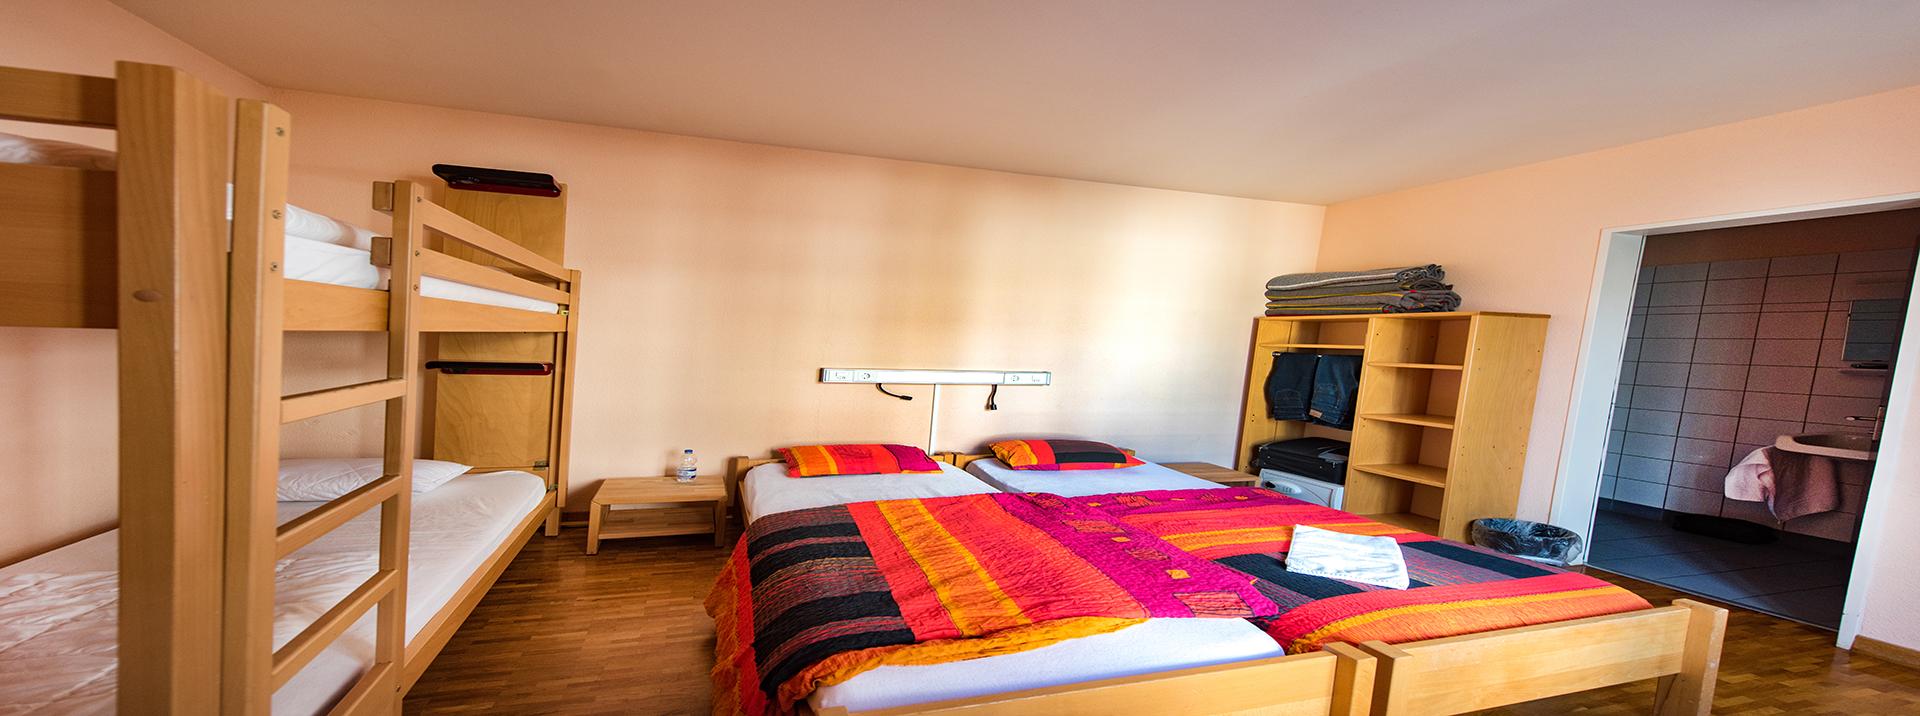 Geneva Hostel - Hostel Geneve